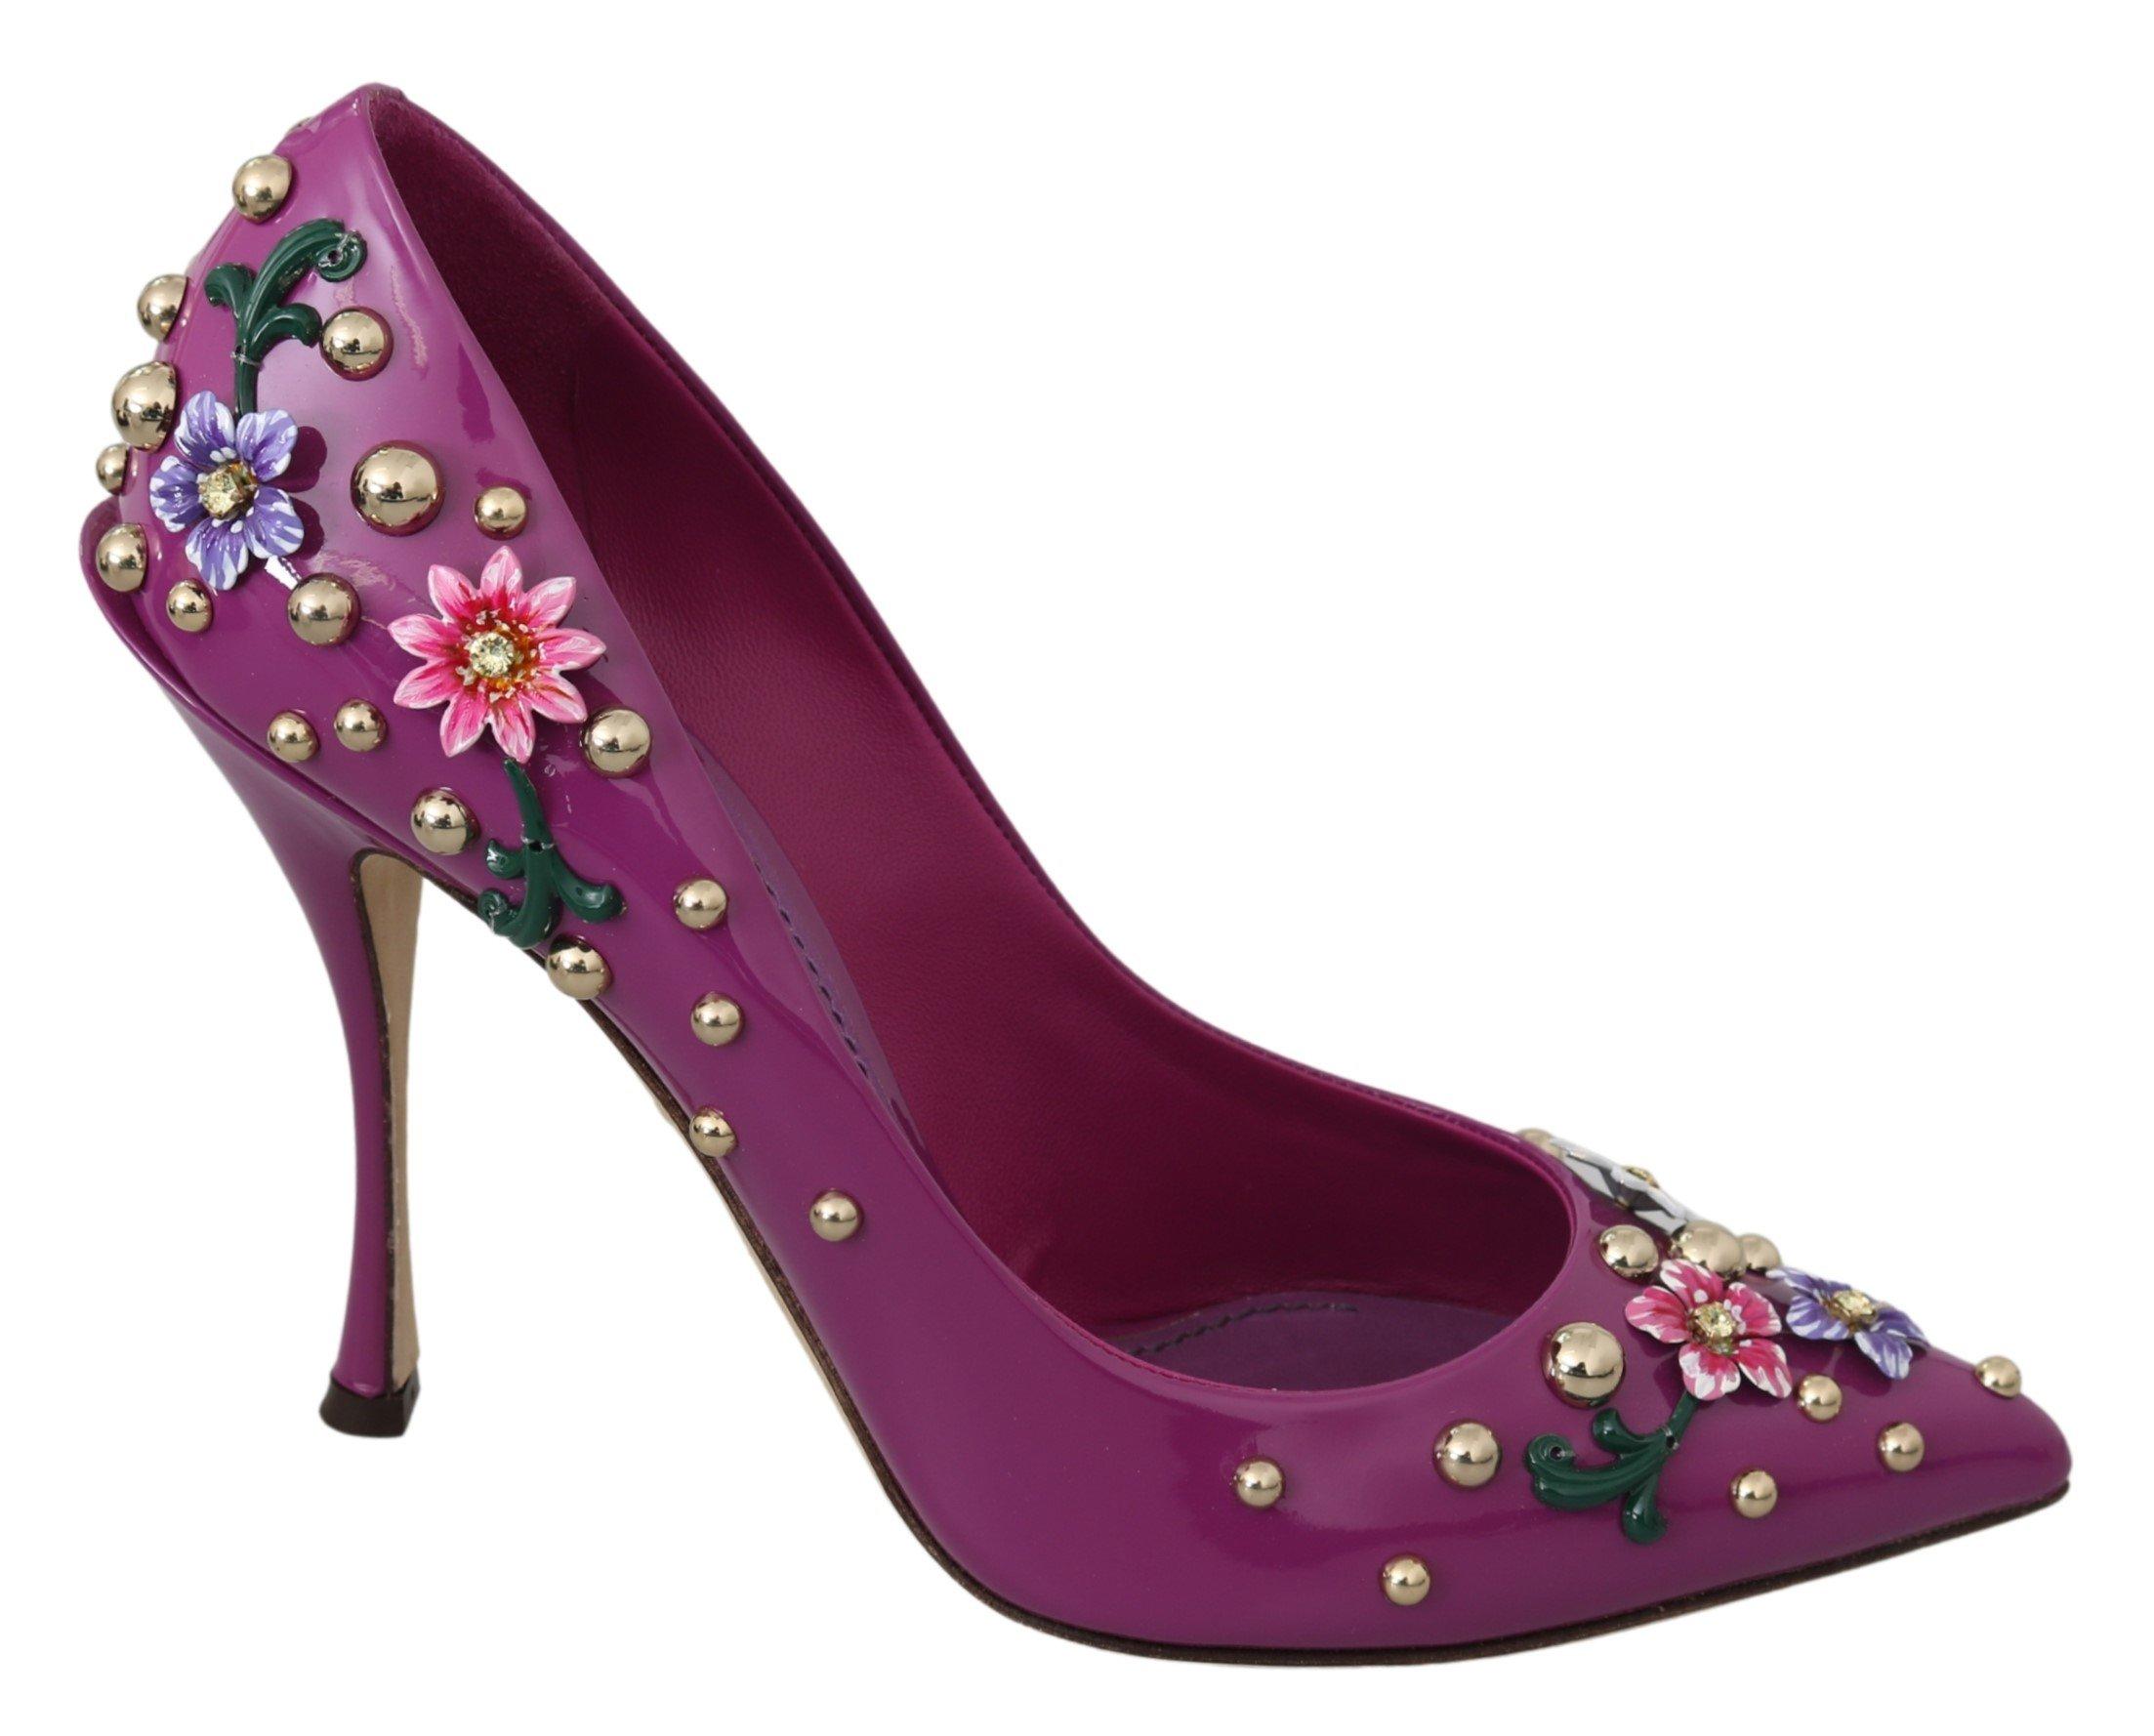 Dolce & Gabbana Women's Floral Crystal Studded Pumps Violet LA6928 - EU39/US8.5